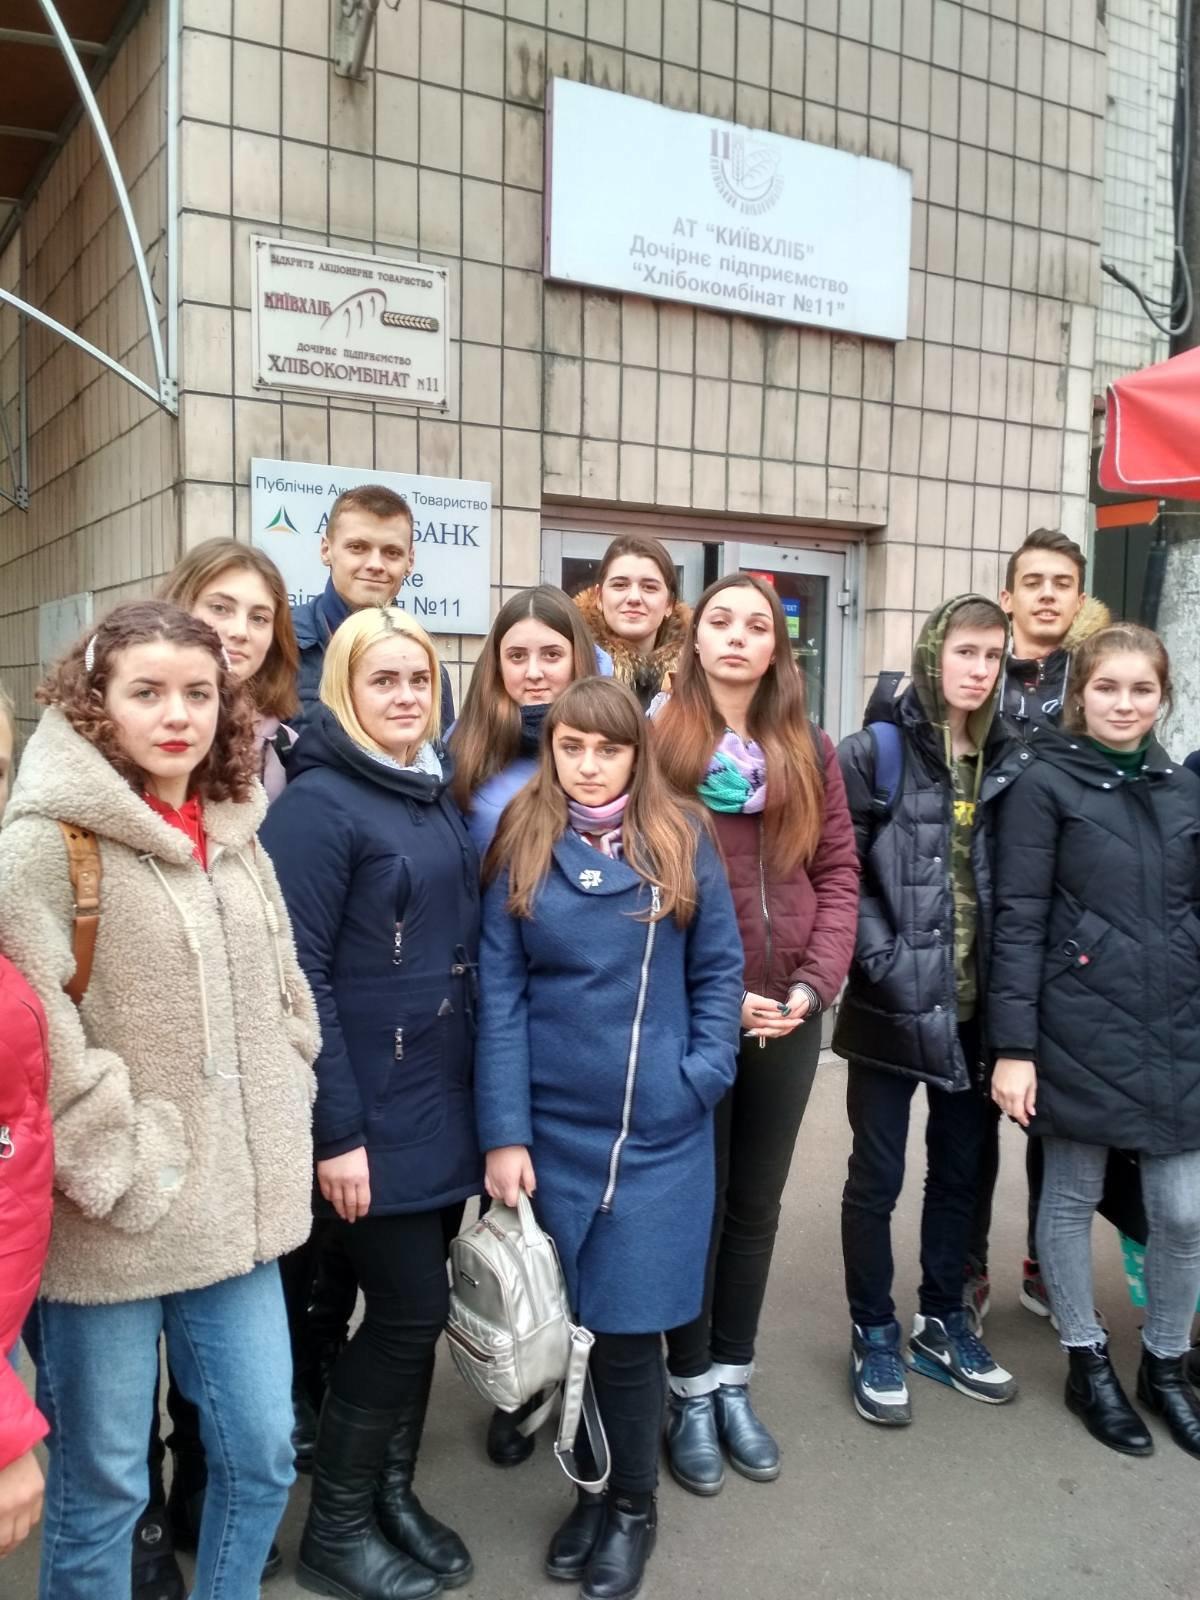 Кам'янецькі студенти познайомились із роботою столичного хлібобулочного підприємства, фото-1, Фото: Харчовий коледж